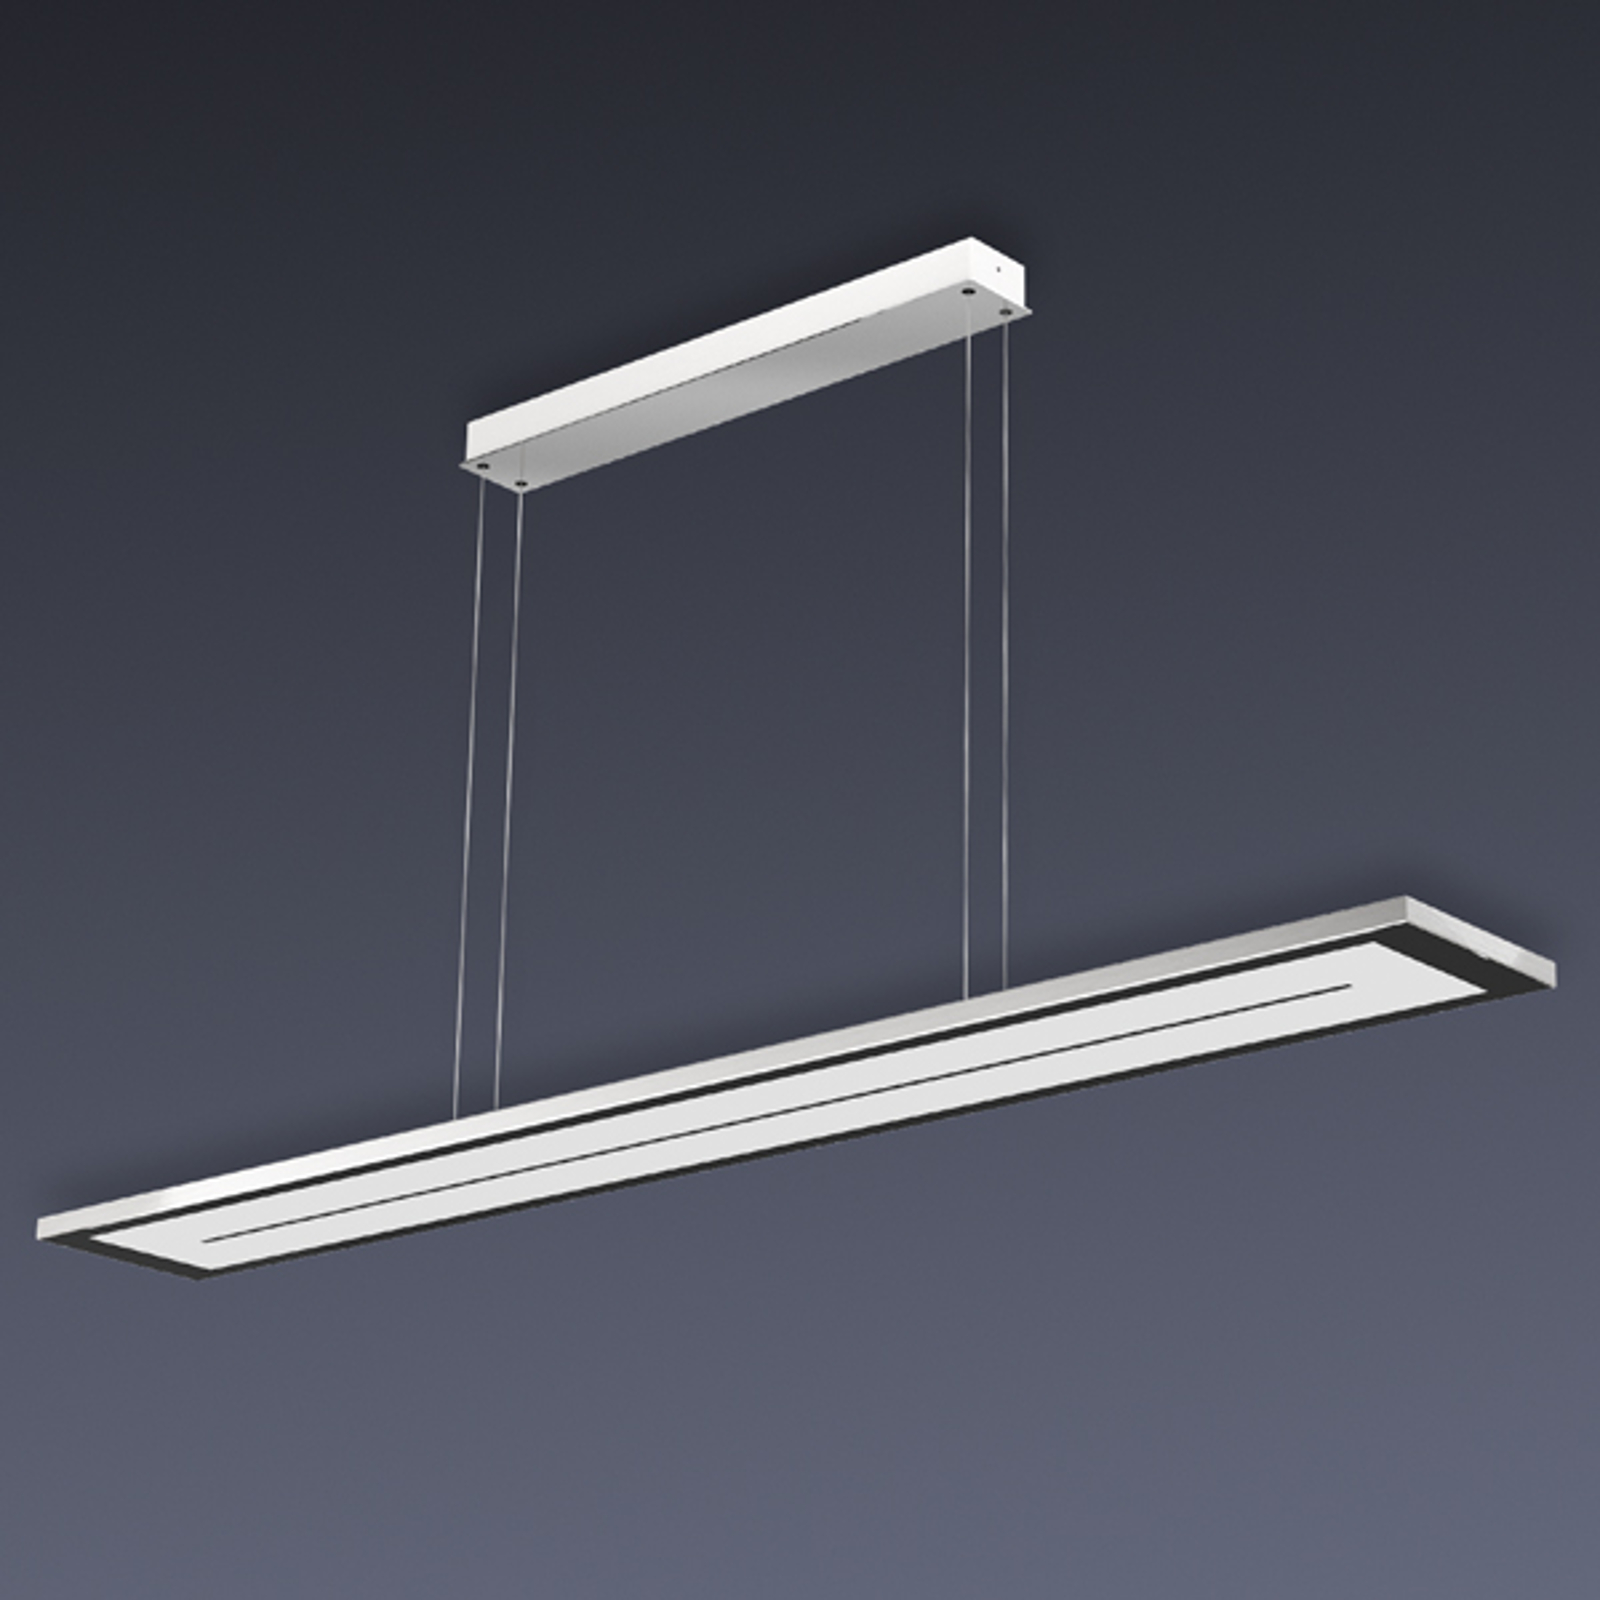 LED-taklampa Zen - 138 cm